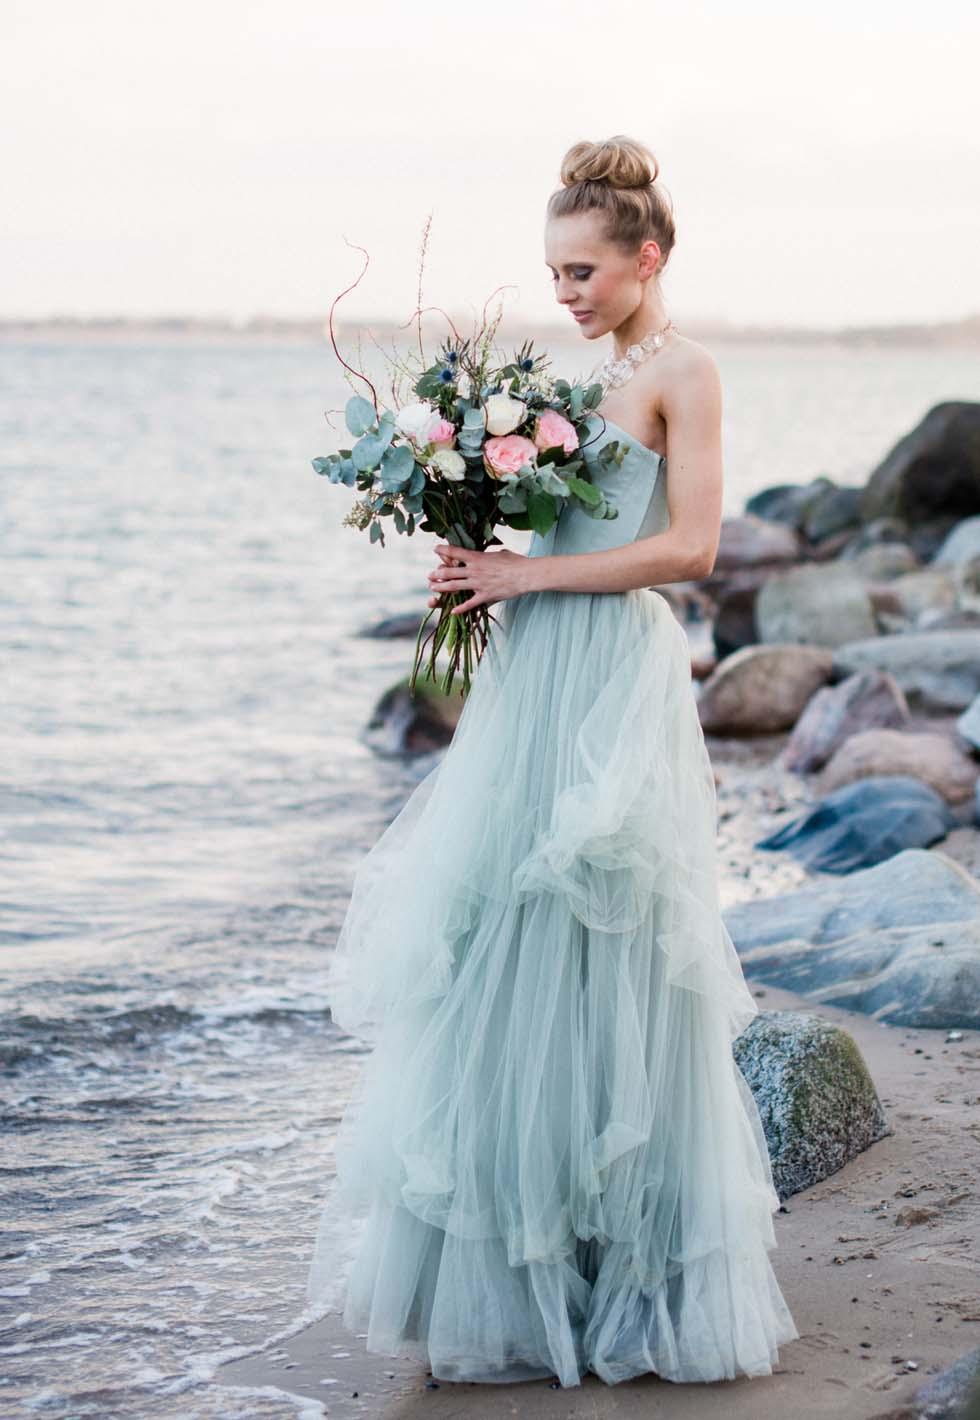 Brautkleid-Farbe Blau